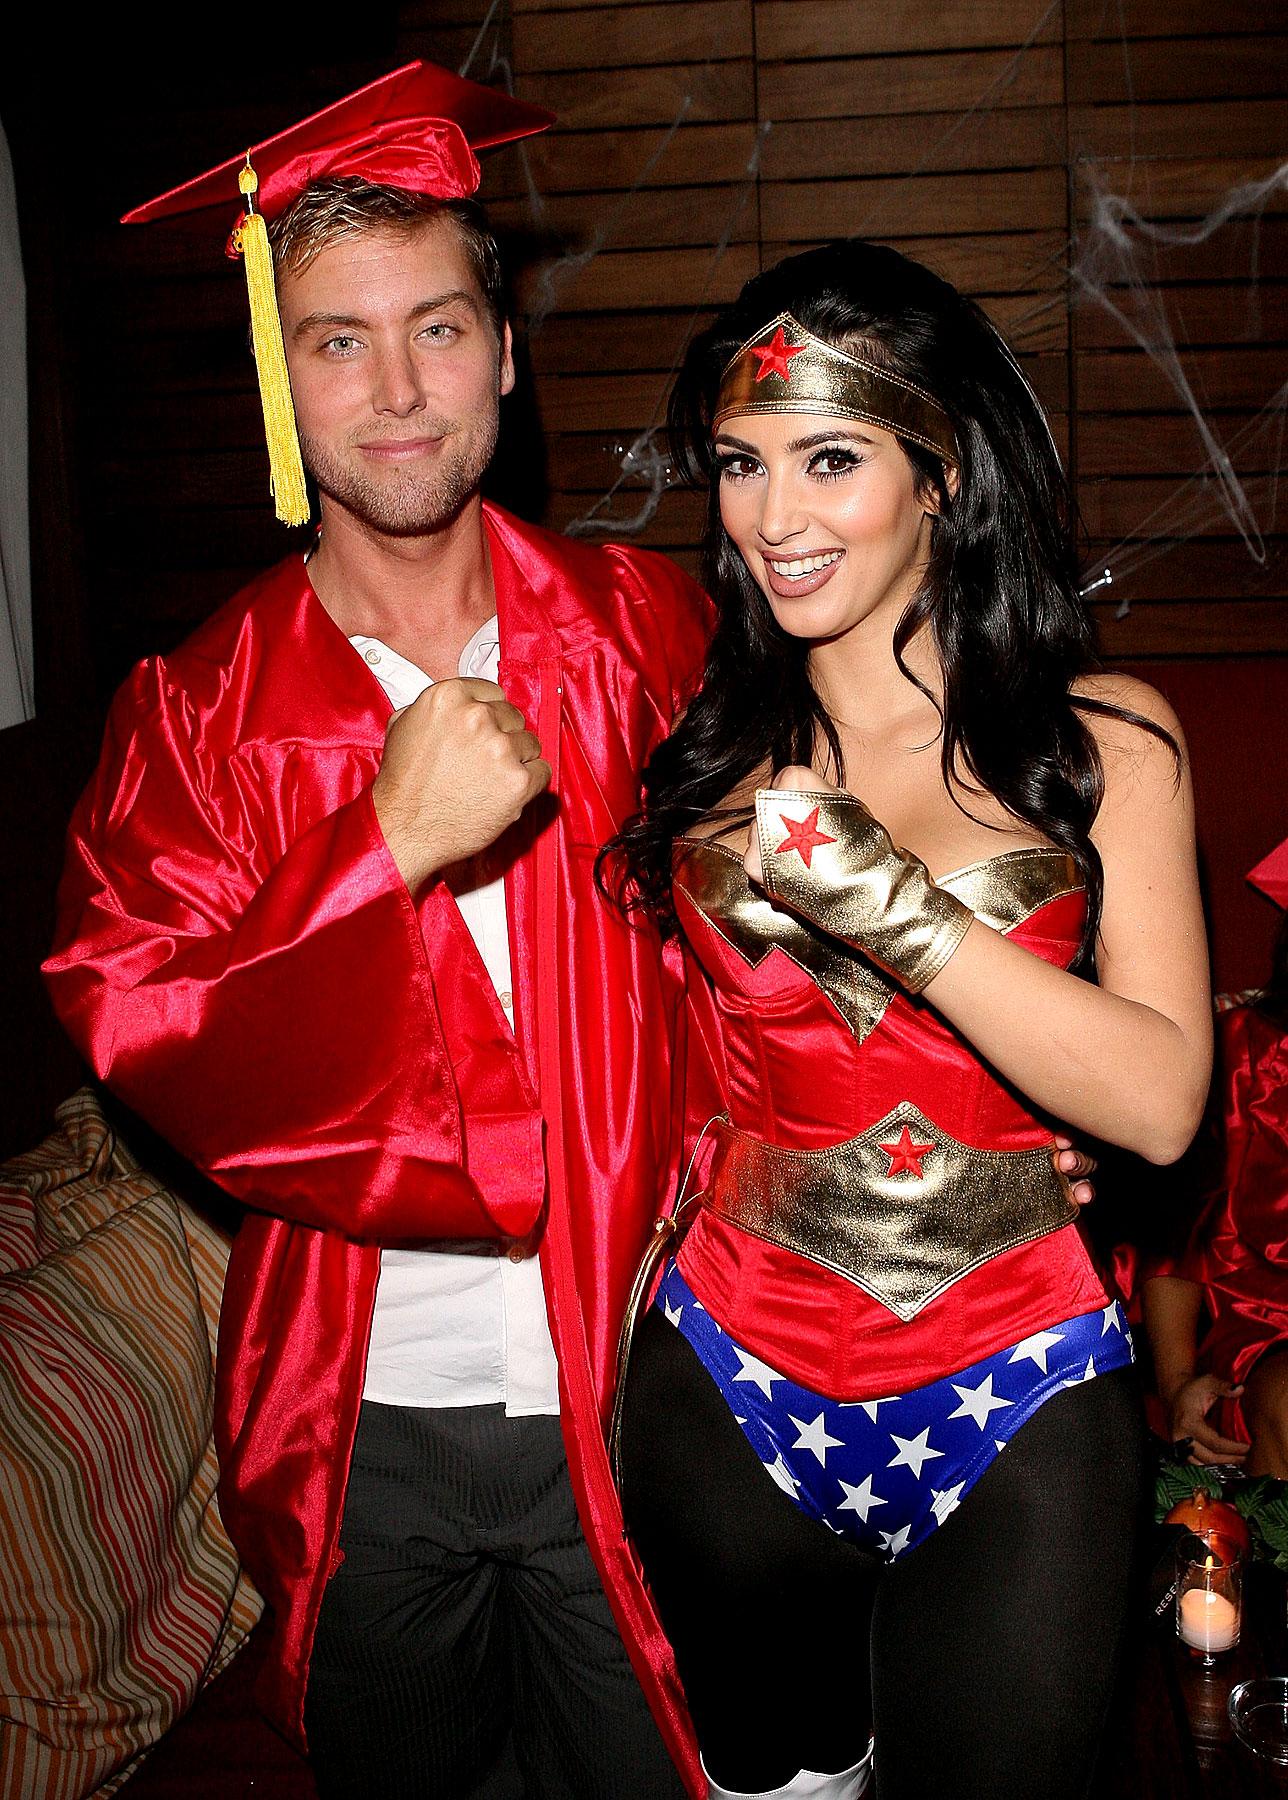 Объединились на вечеринке Хэллоуин 2008, хотя не совсем понятно